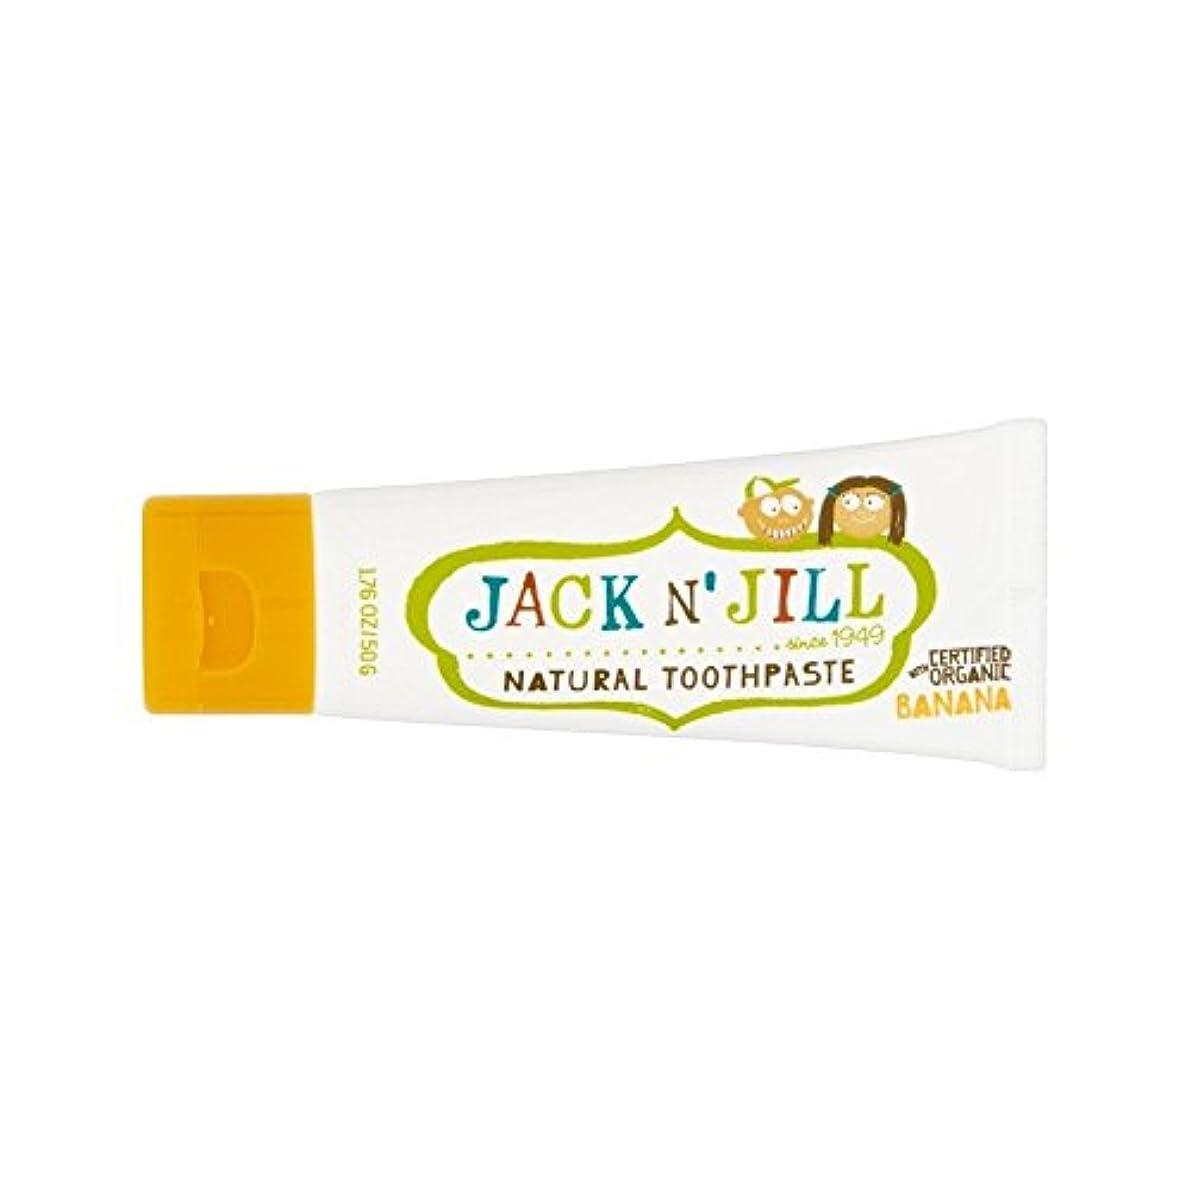 レンジサドル有害有機香味50グラムと自然バナナ歯磨き粉 (Jack N Jill) (x 4) - Jack N' Jill Banana Toothpaste Natural with Organic Flavouring 50g (...